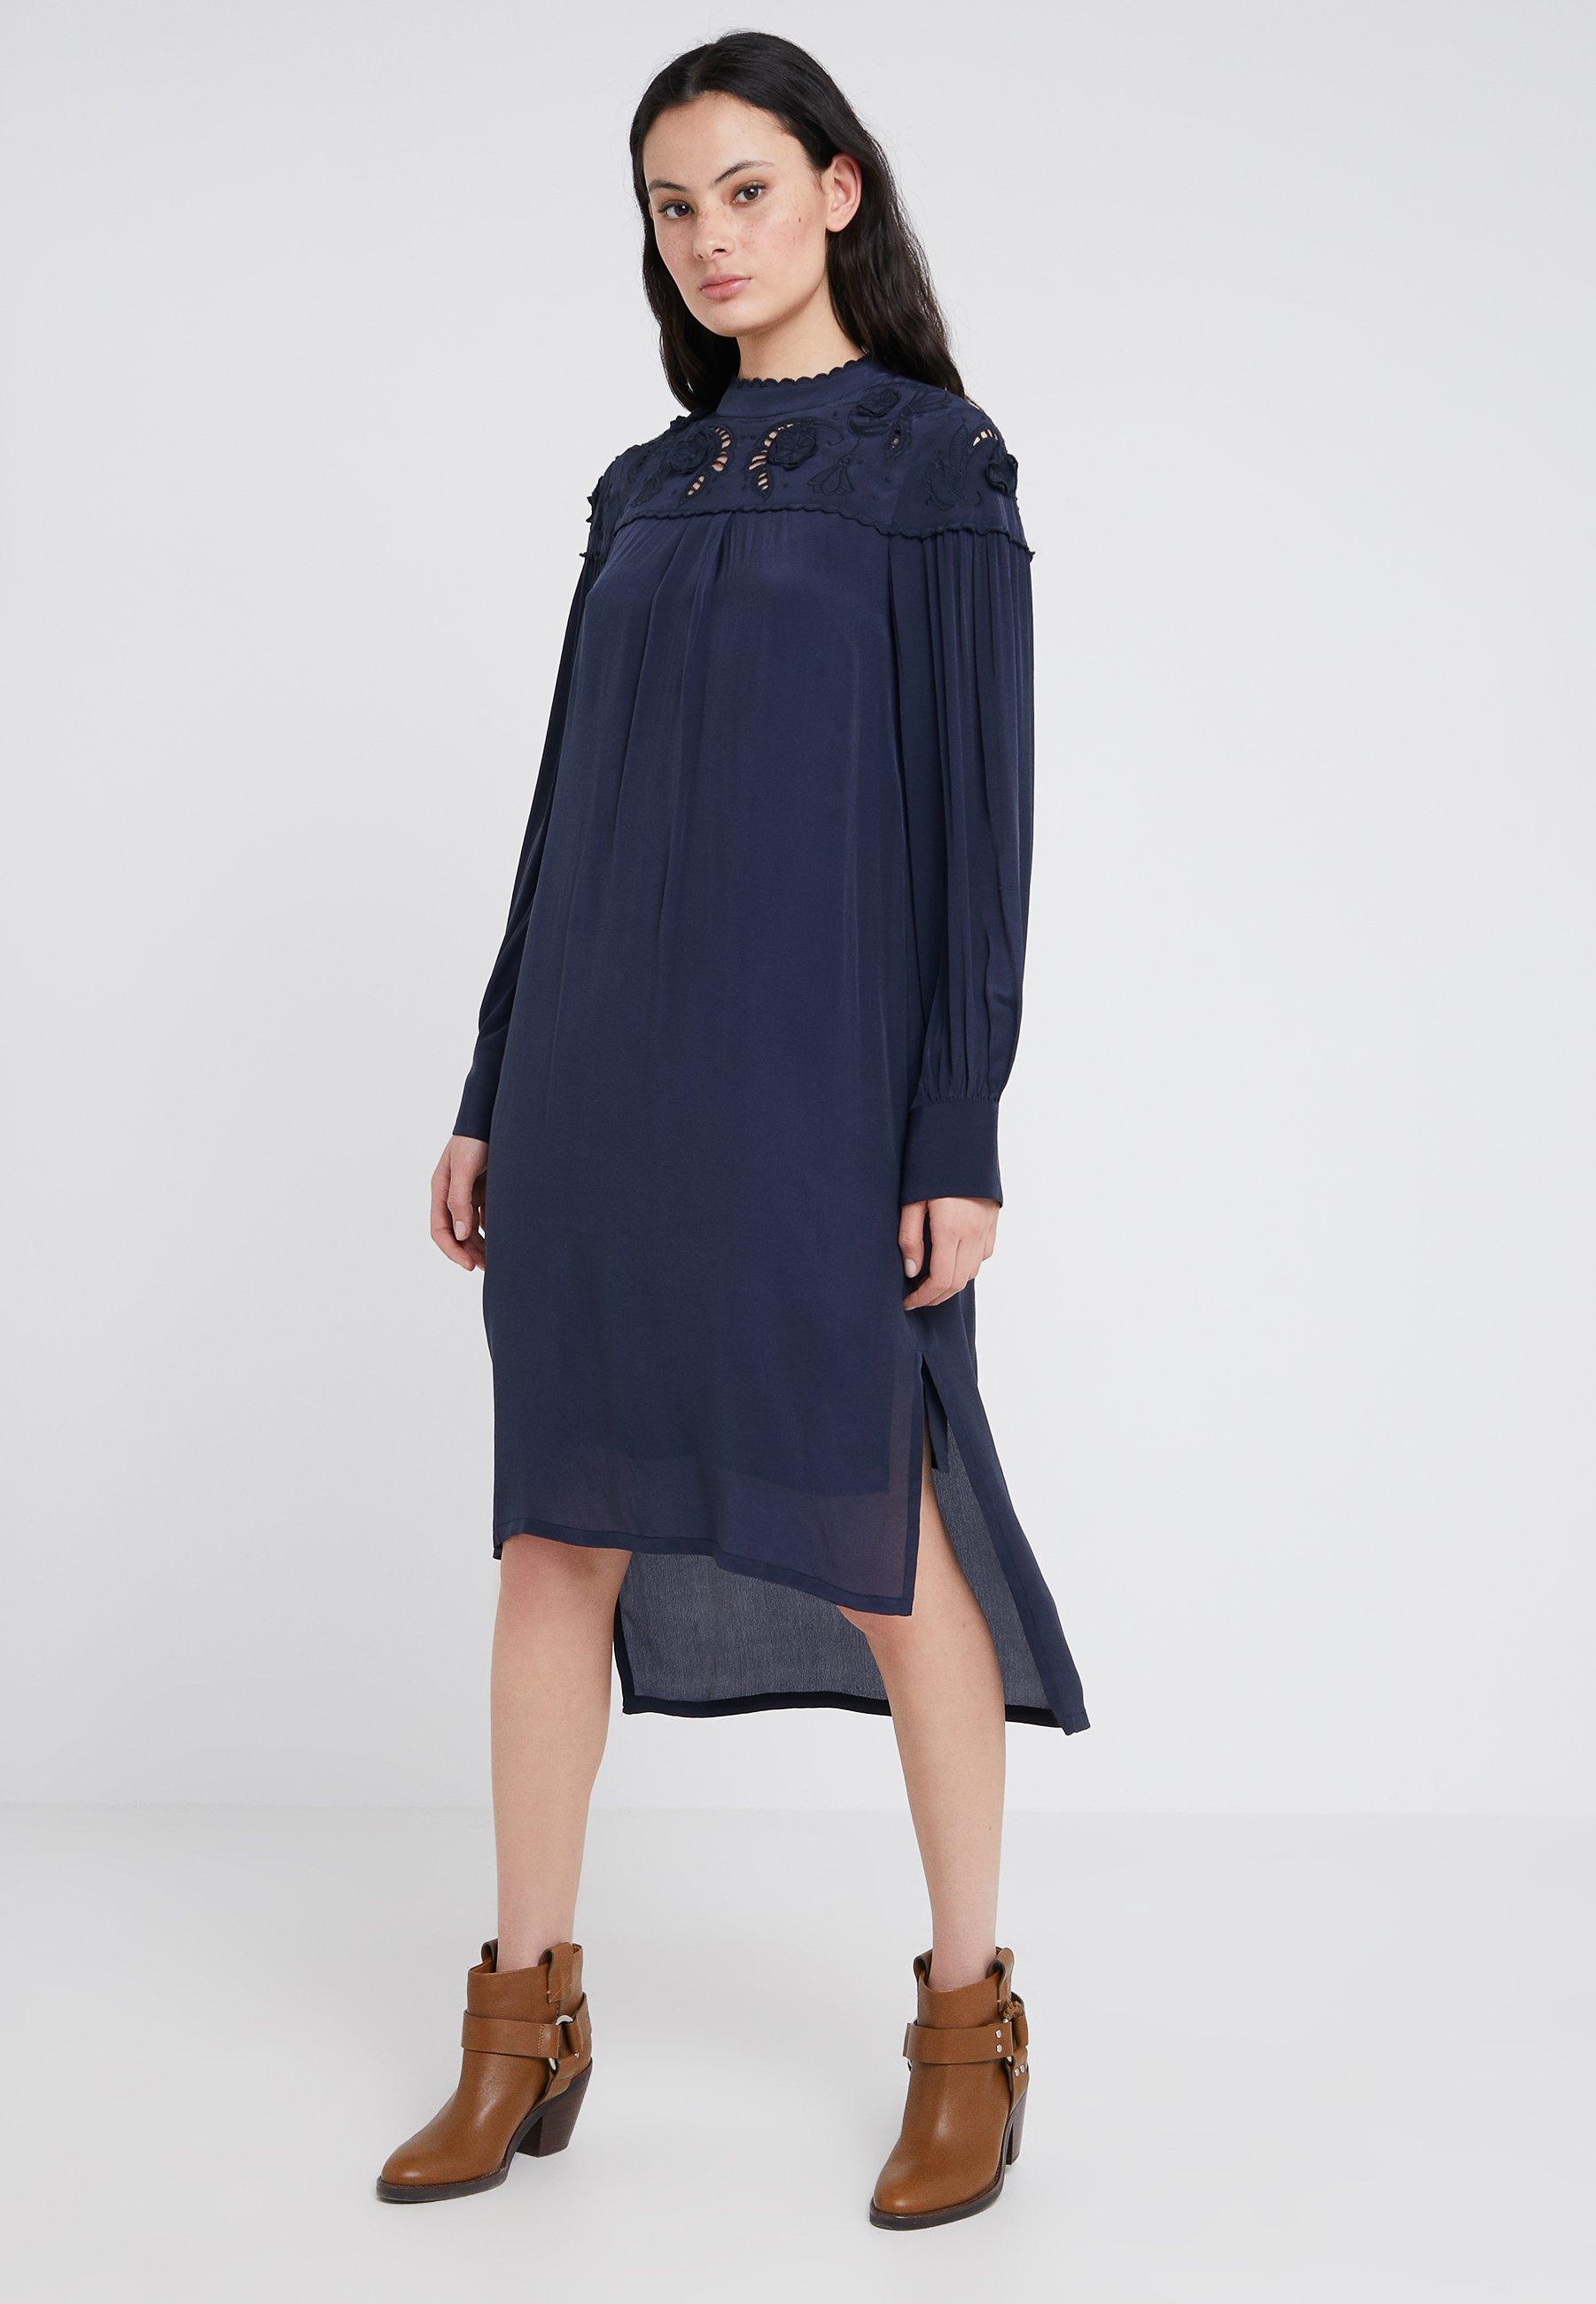 Robe By Chloé D'étéInk See Navy f7gyYb6v